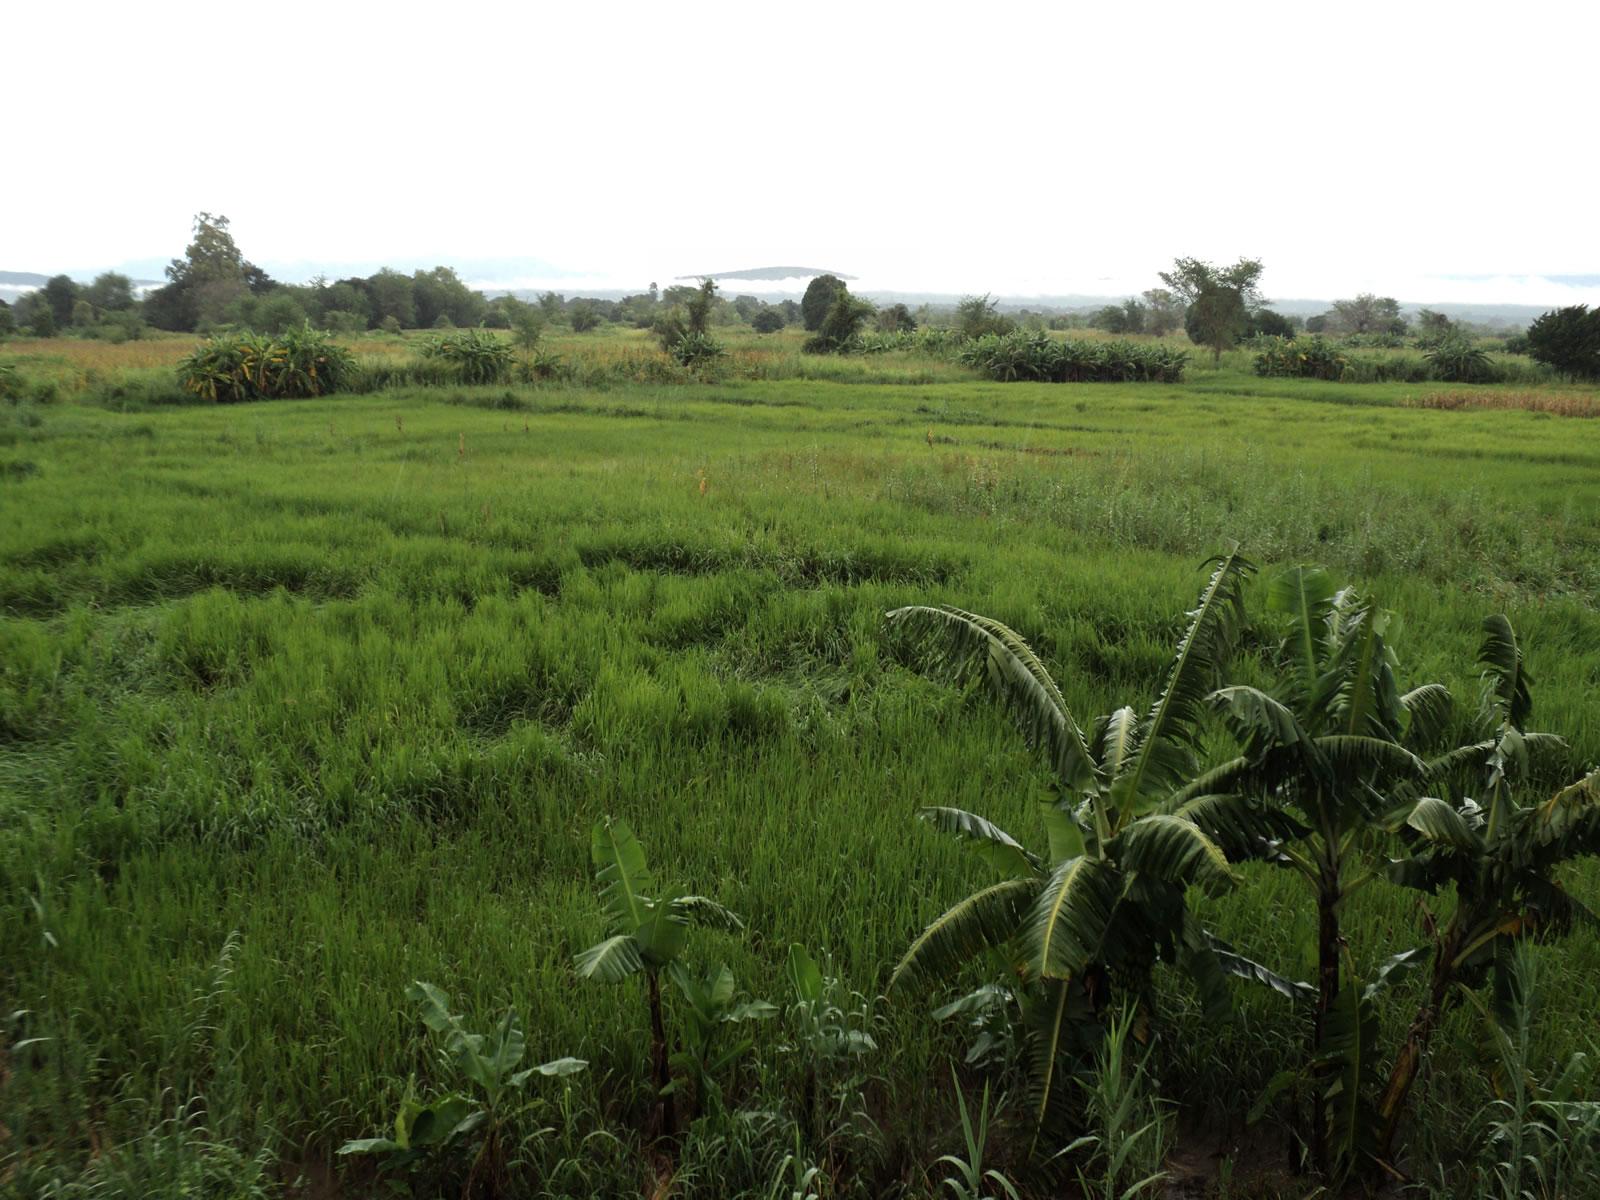 De mbeya chitinga beach 2 jours 251 km l 39 afrique v lo for Plantation beuh exterieur